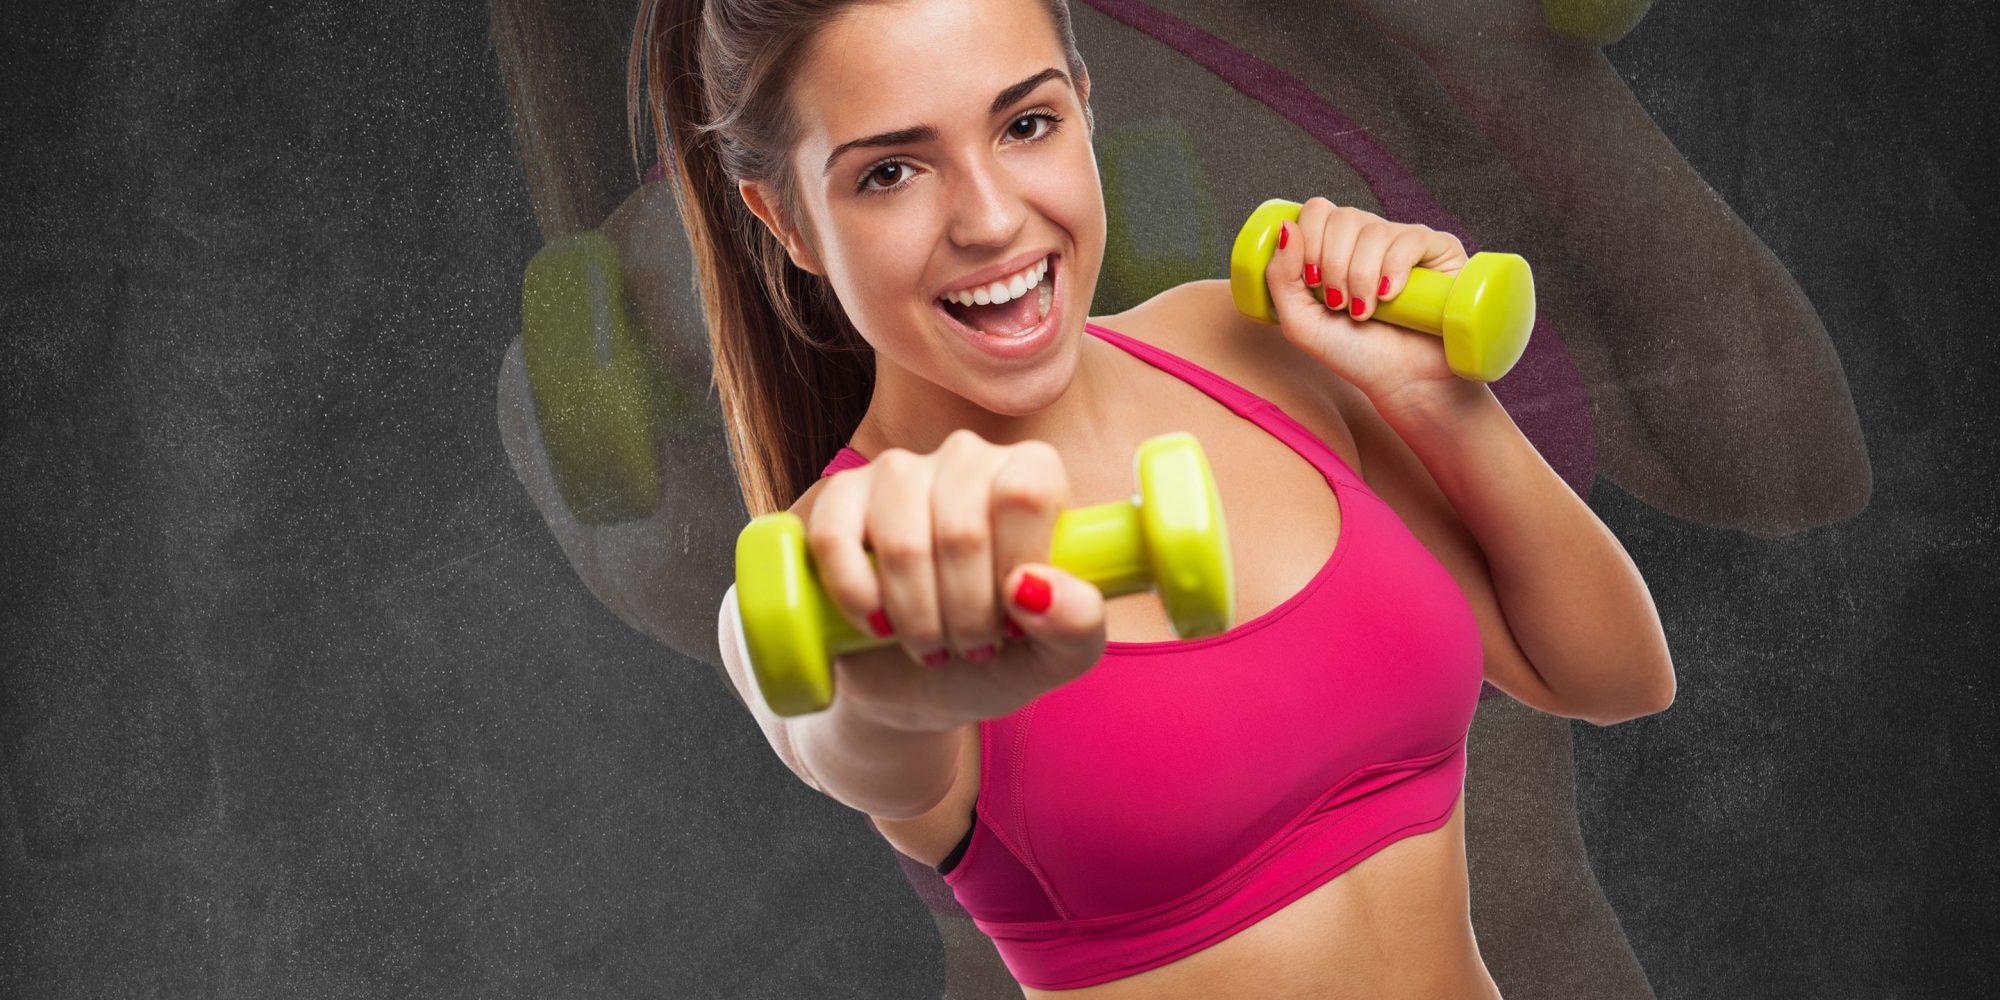 Vous n'avez aucune excuse pour ne pas faire de l'exercice